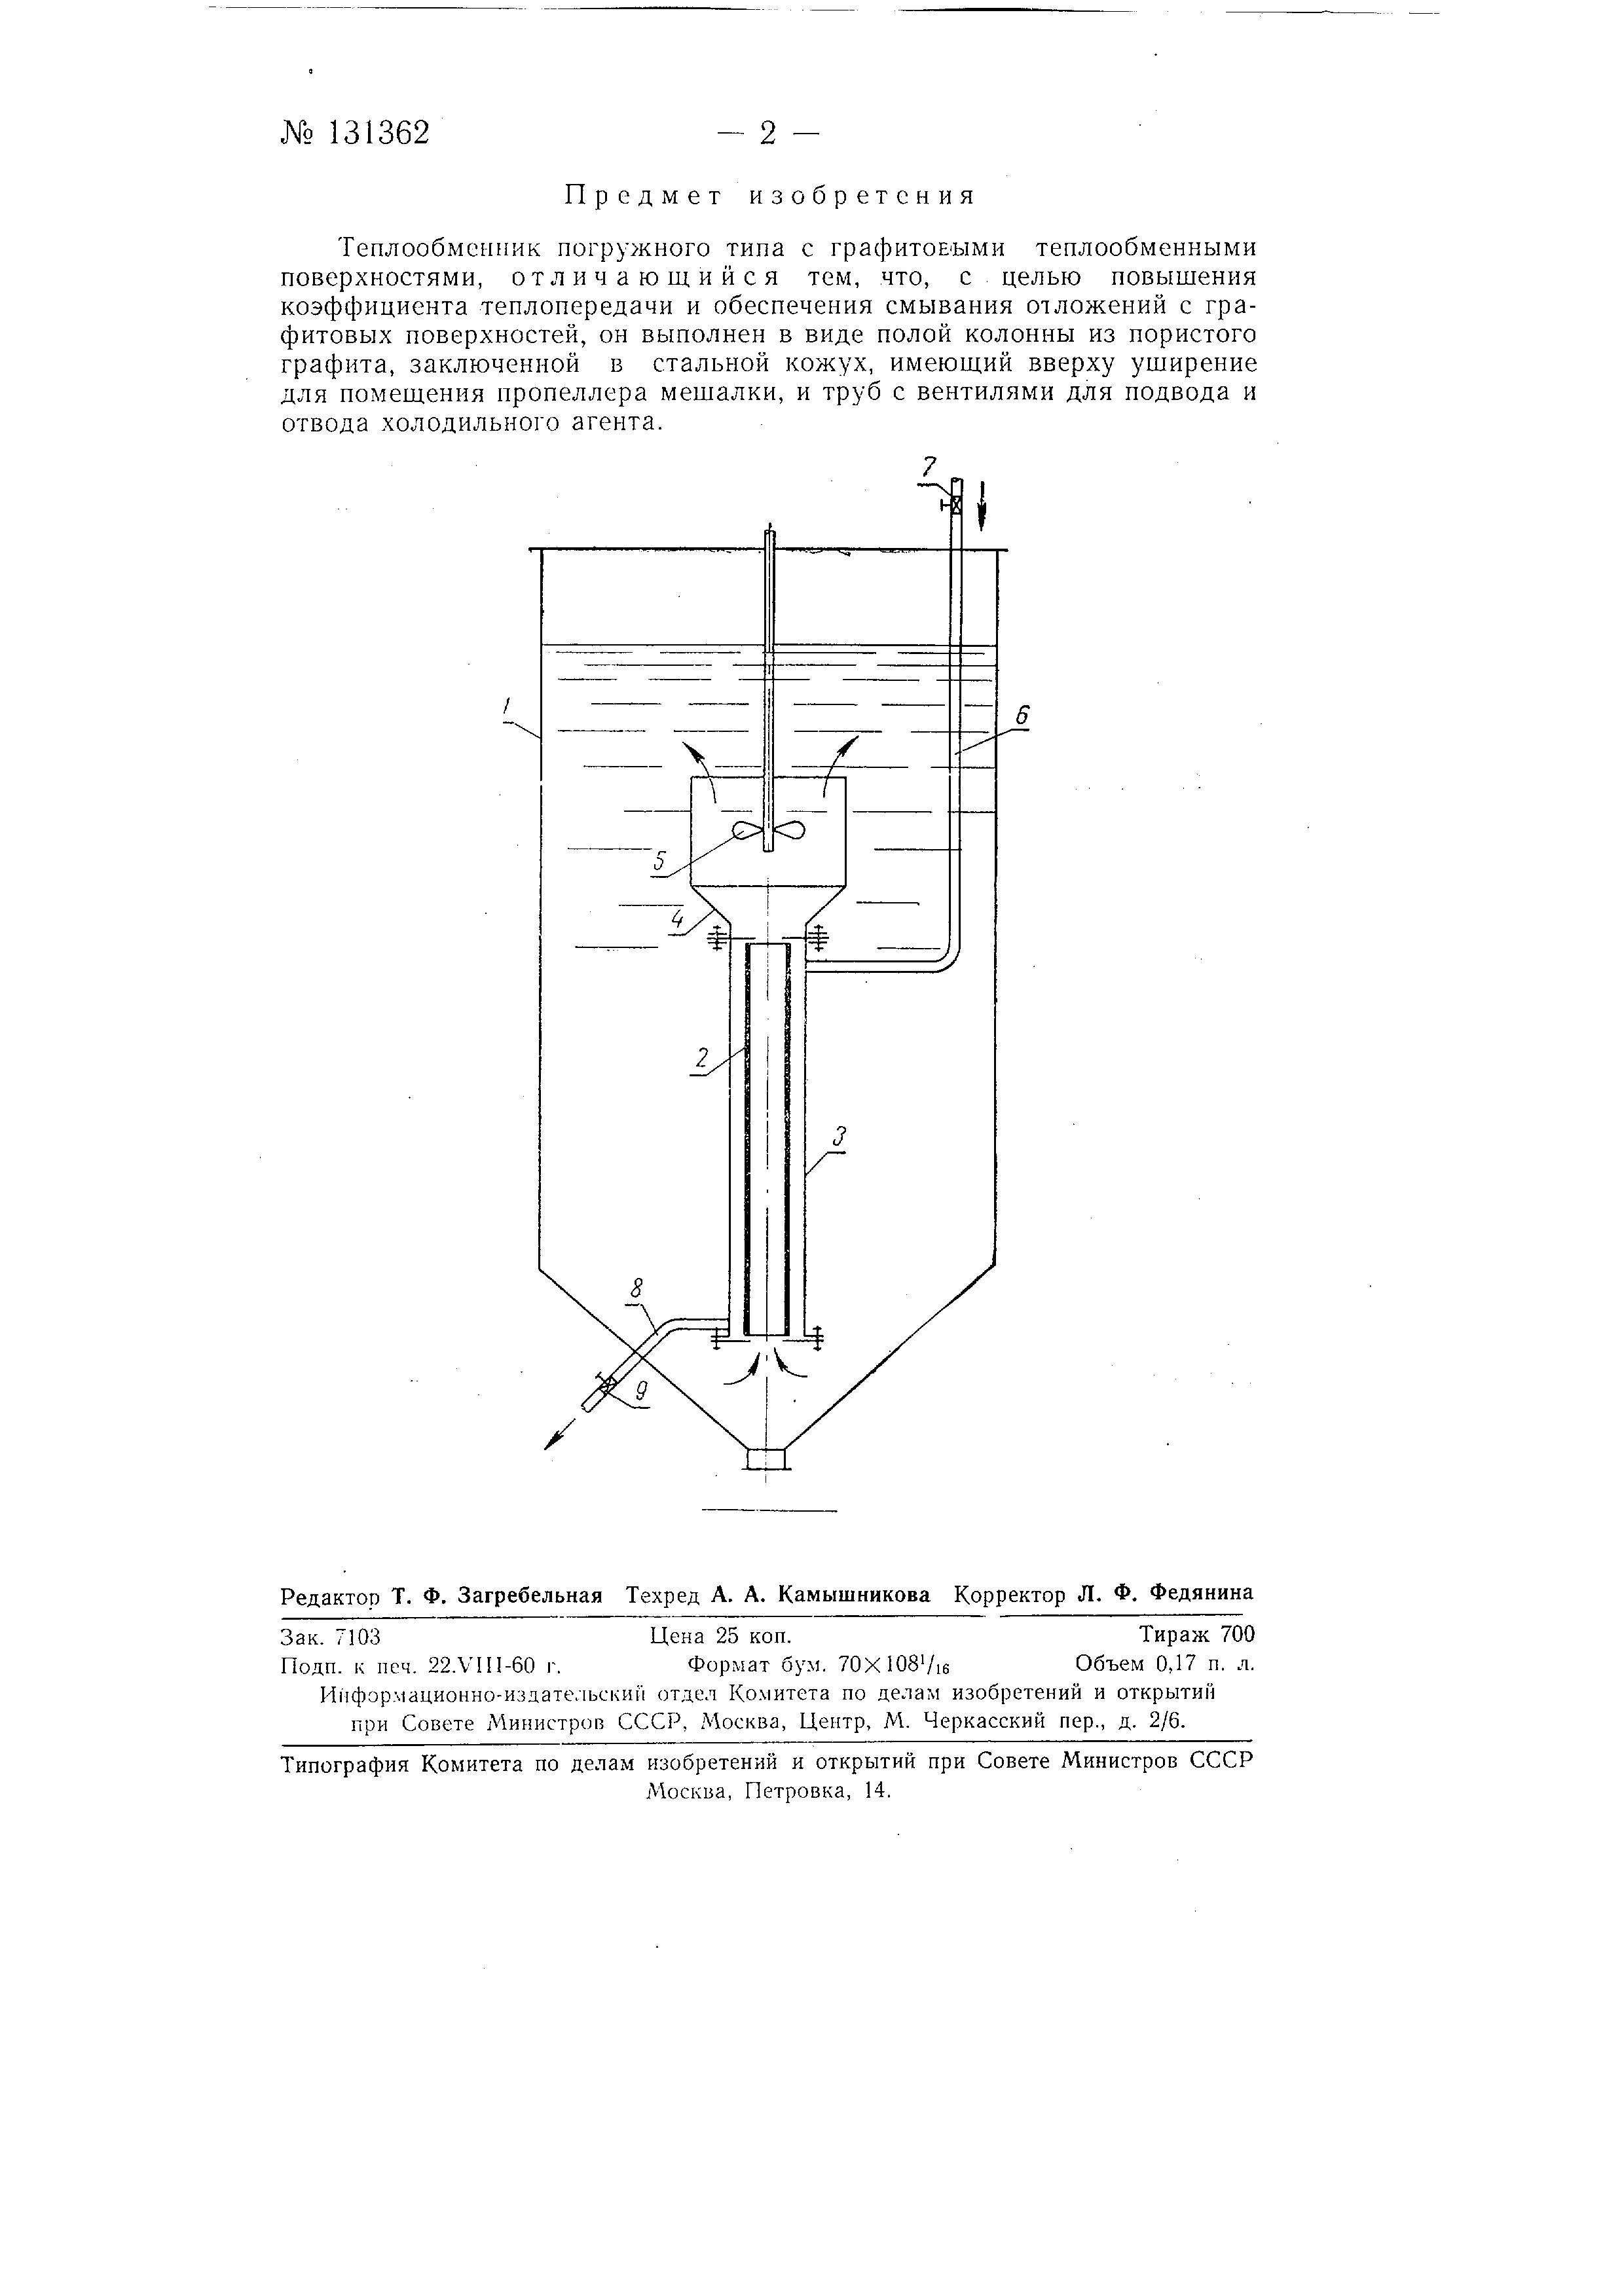 Теплообменник погружные типы теплообменник на газовый котл беретта